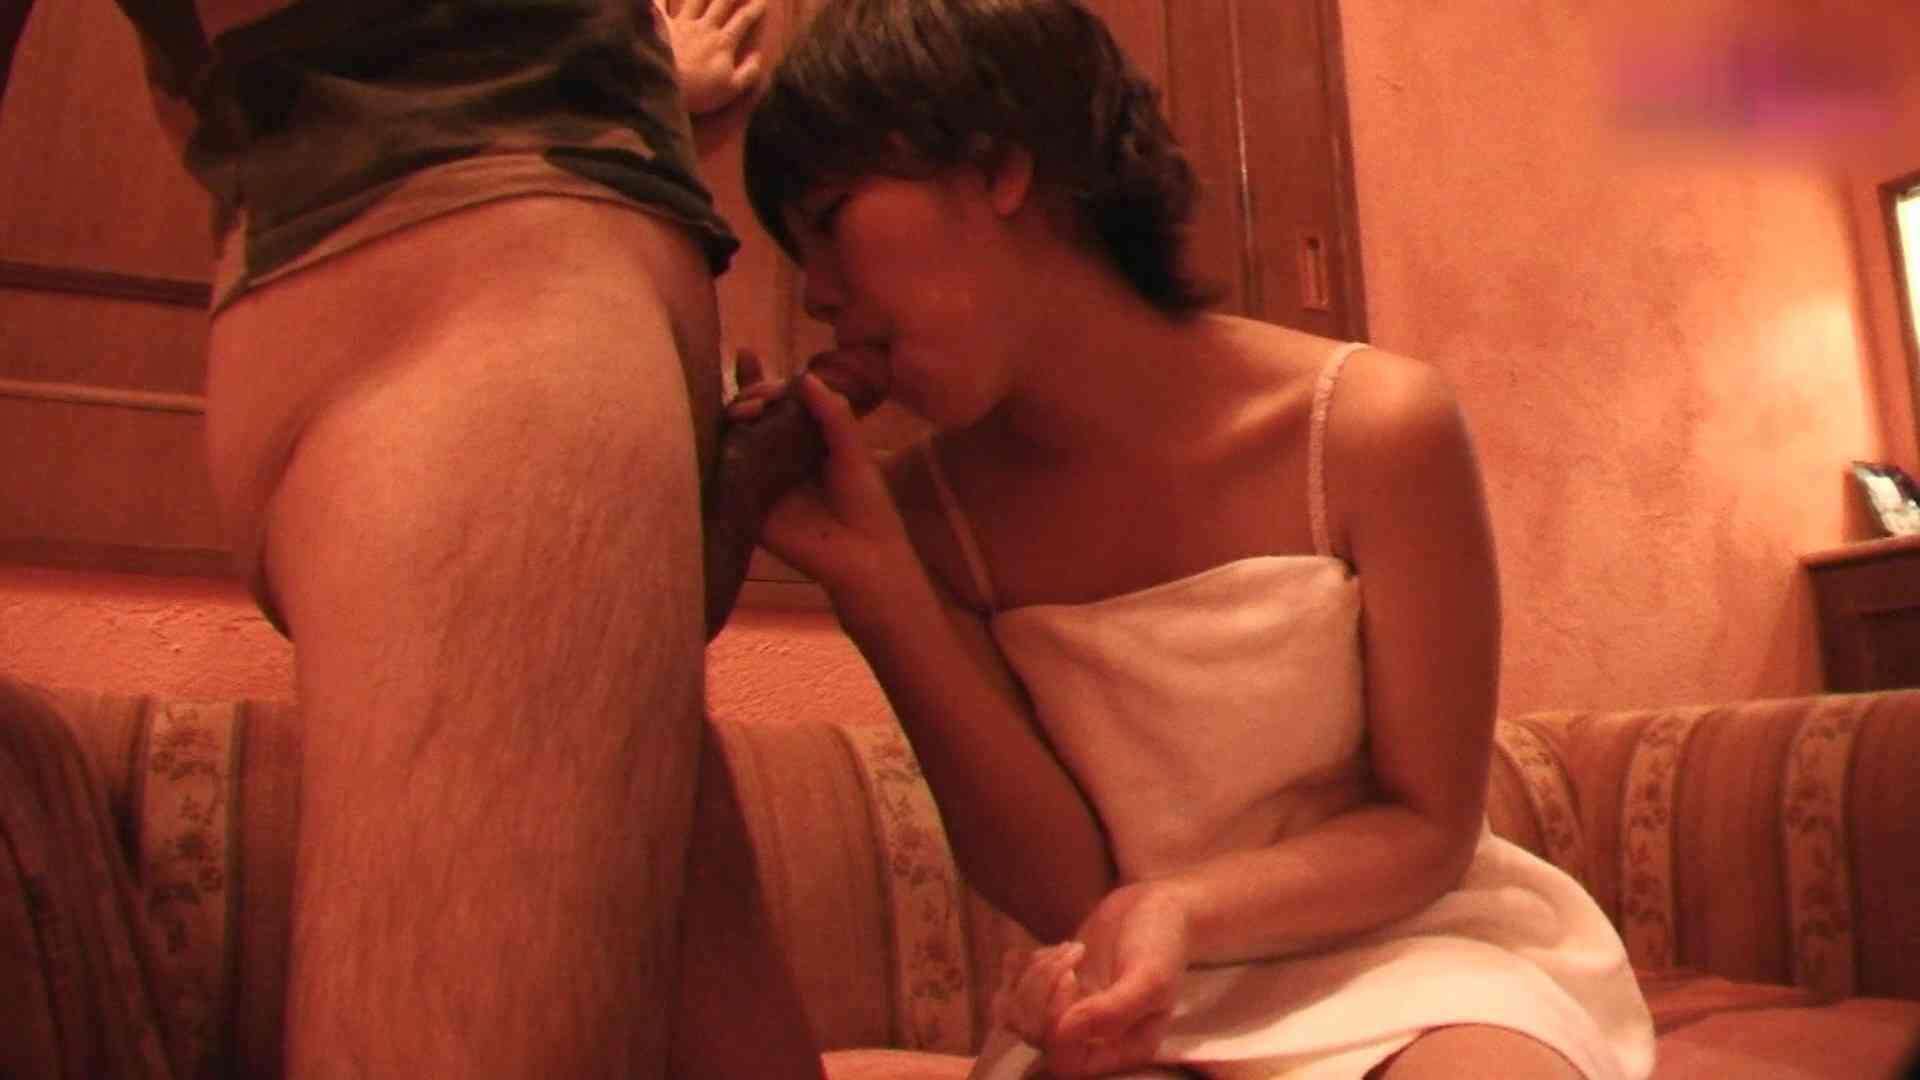 おしえてギャル子のH塾 Vol.26 前編 フェラチオ映像 アダルト動画キャプチャ 78pic 15